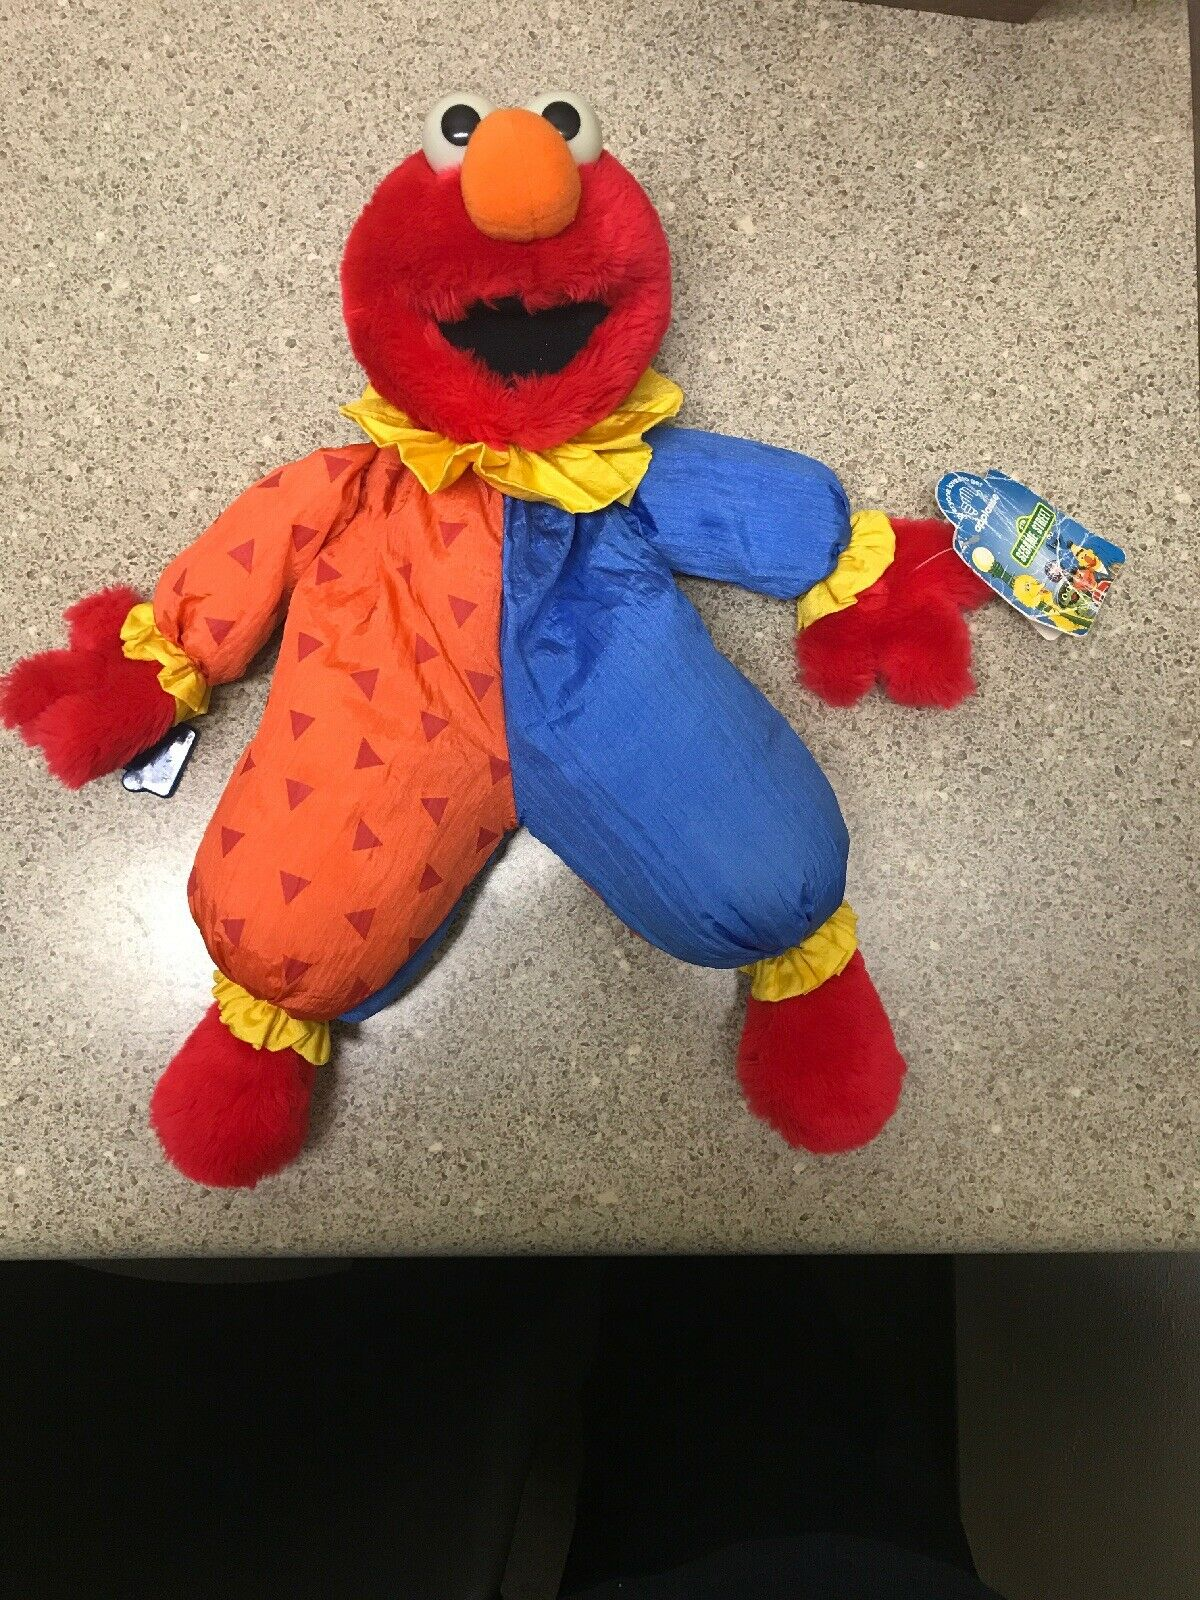 Vintage 1980s Applause Sesame Street ELMO Clown Floppy Plush Parachute Nylon NWT